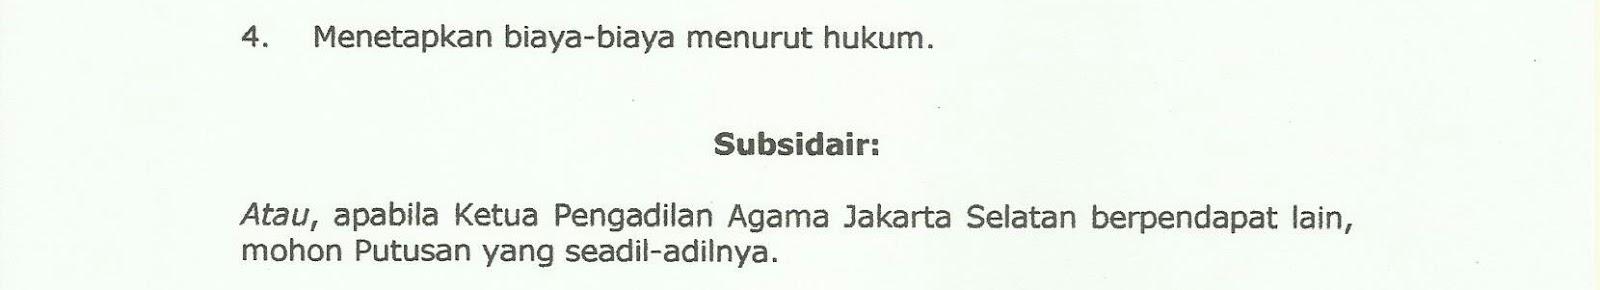 Hukum Indonesia: Cara Membuat Surat Gugatan Perceraian ...